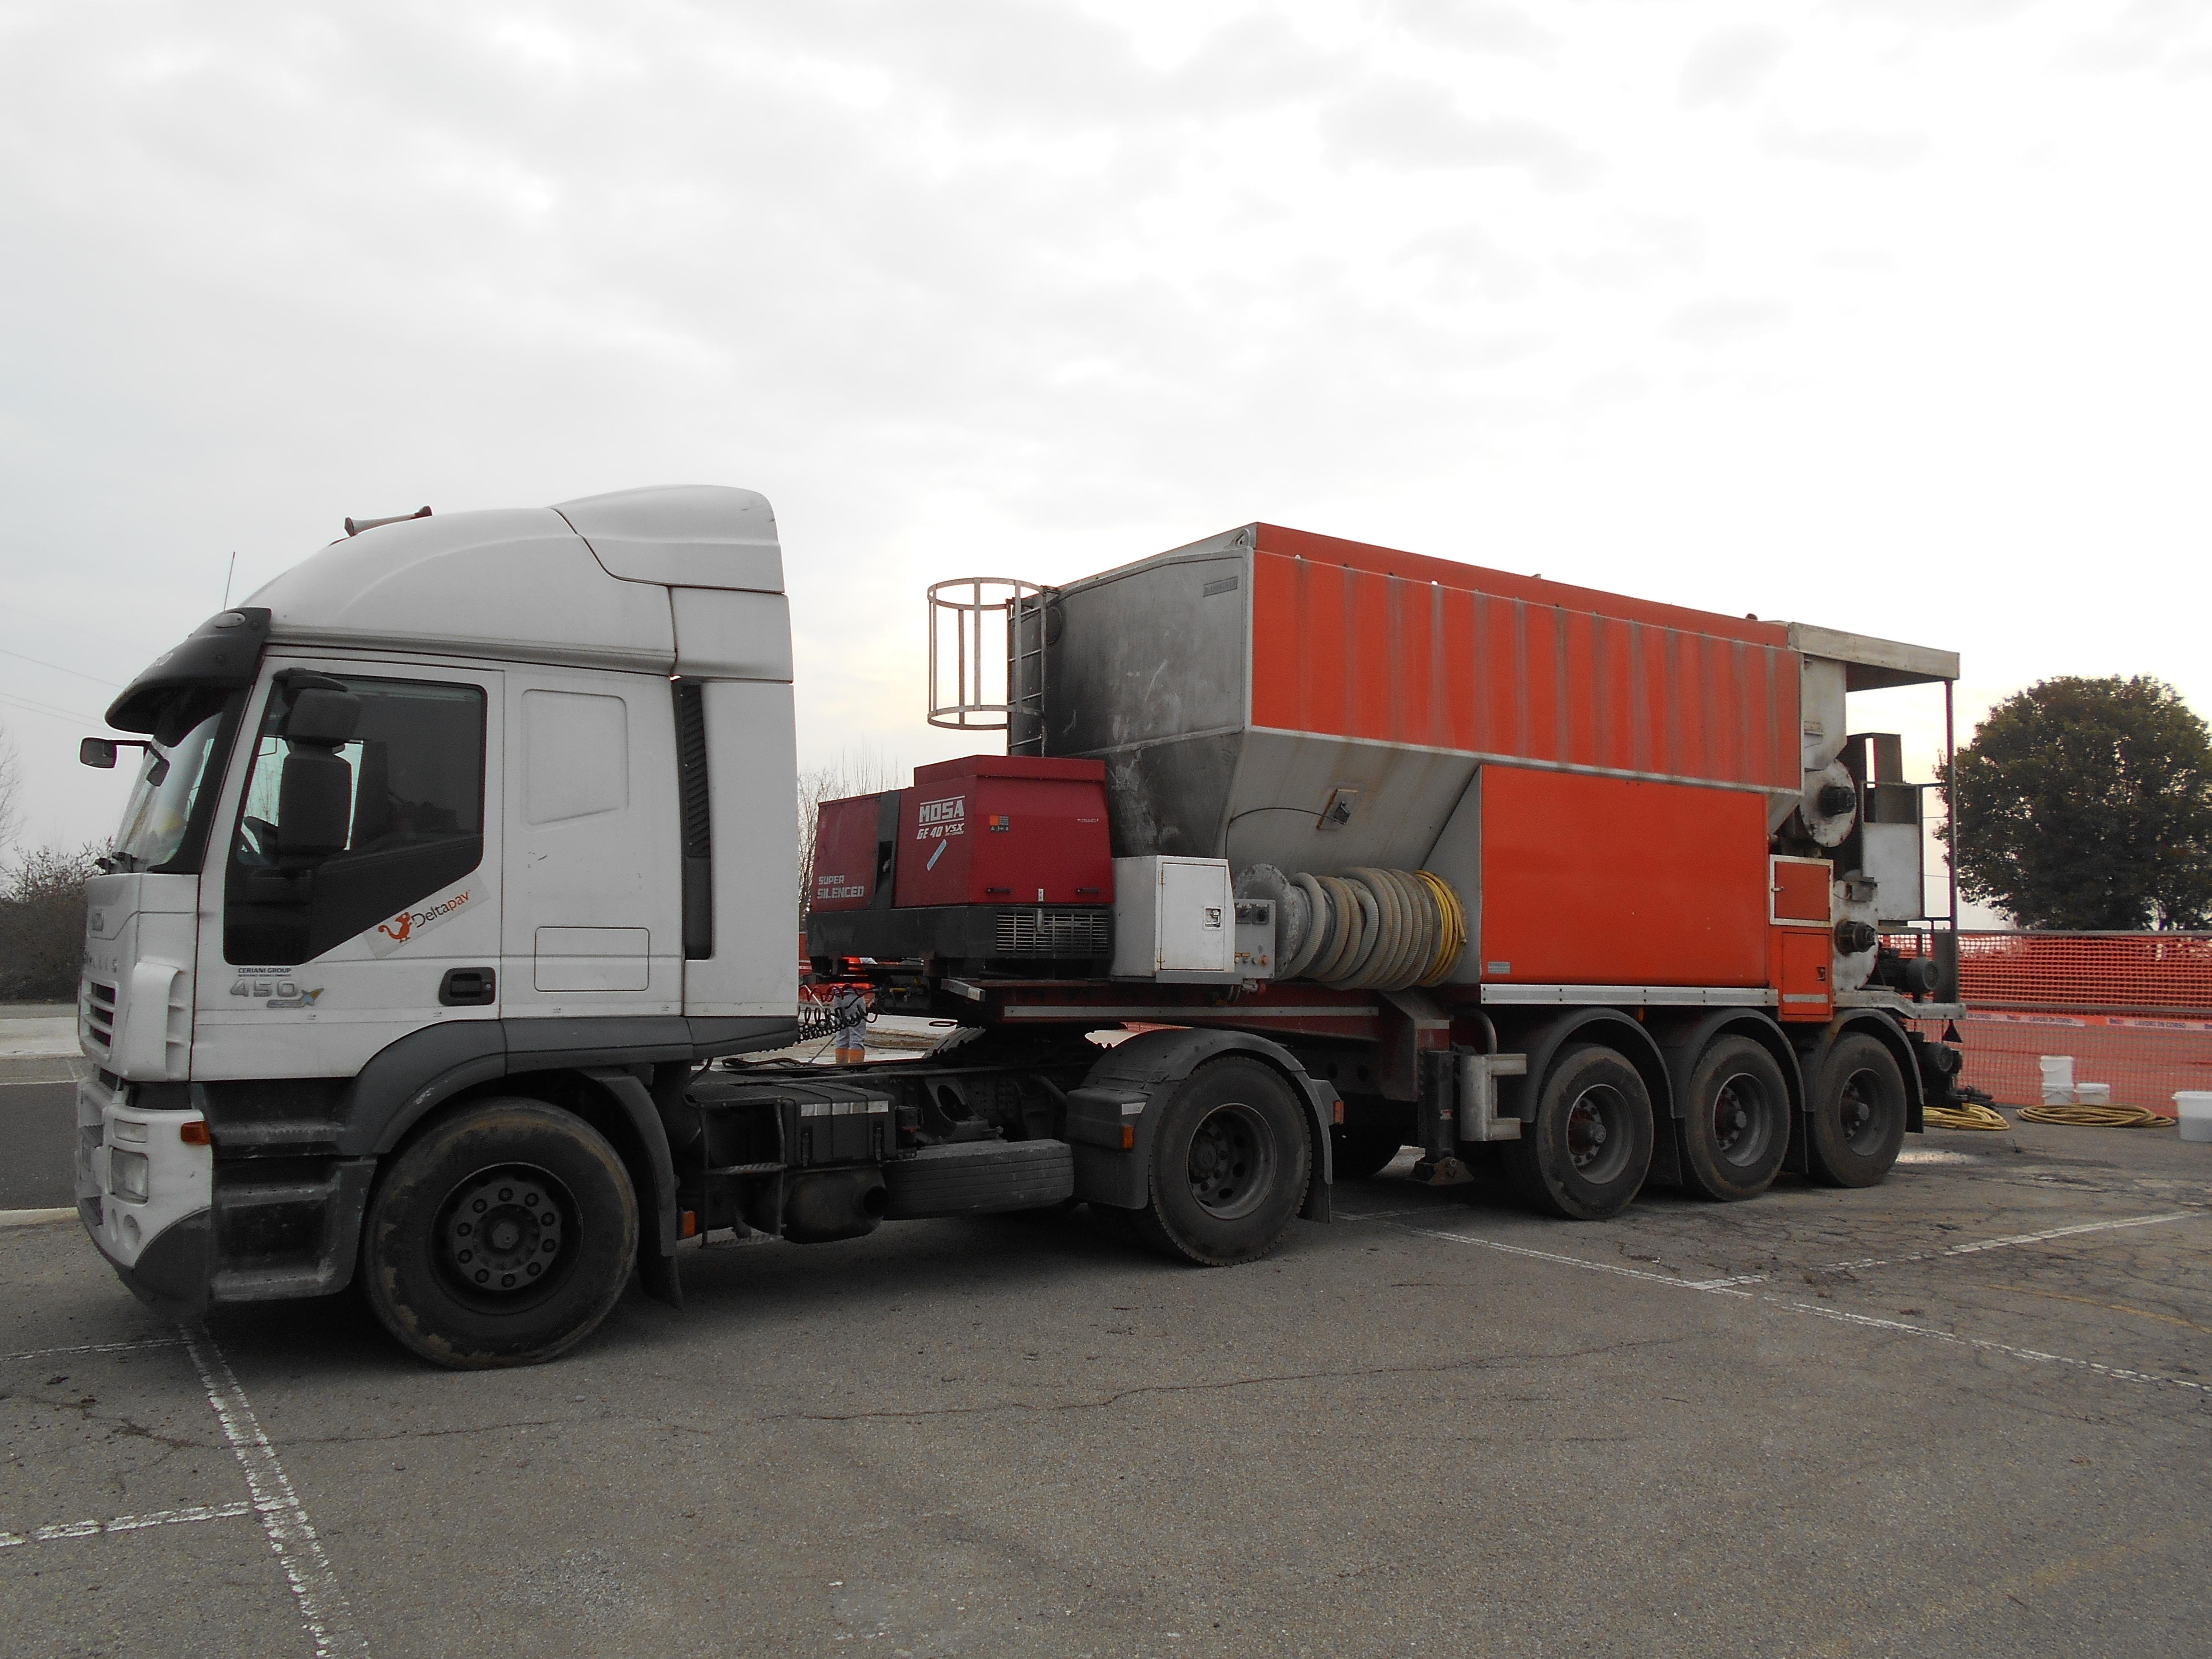 Figura 4 - Mescolatore su camion